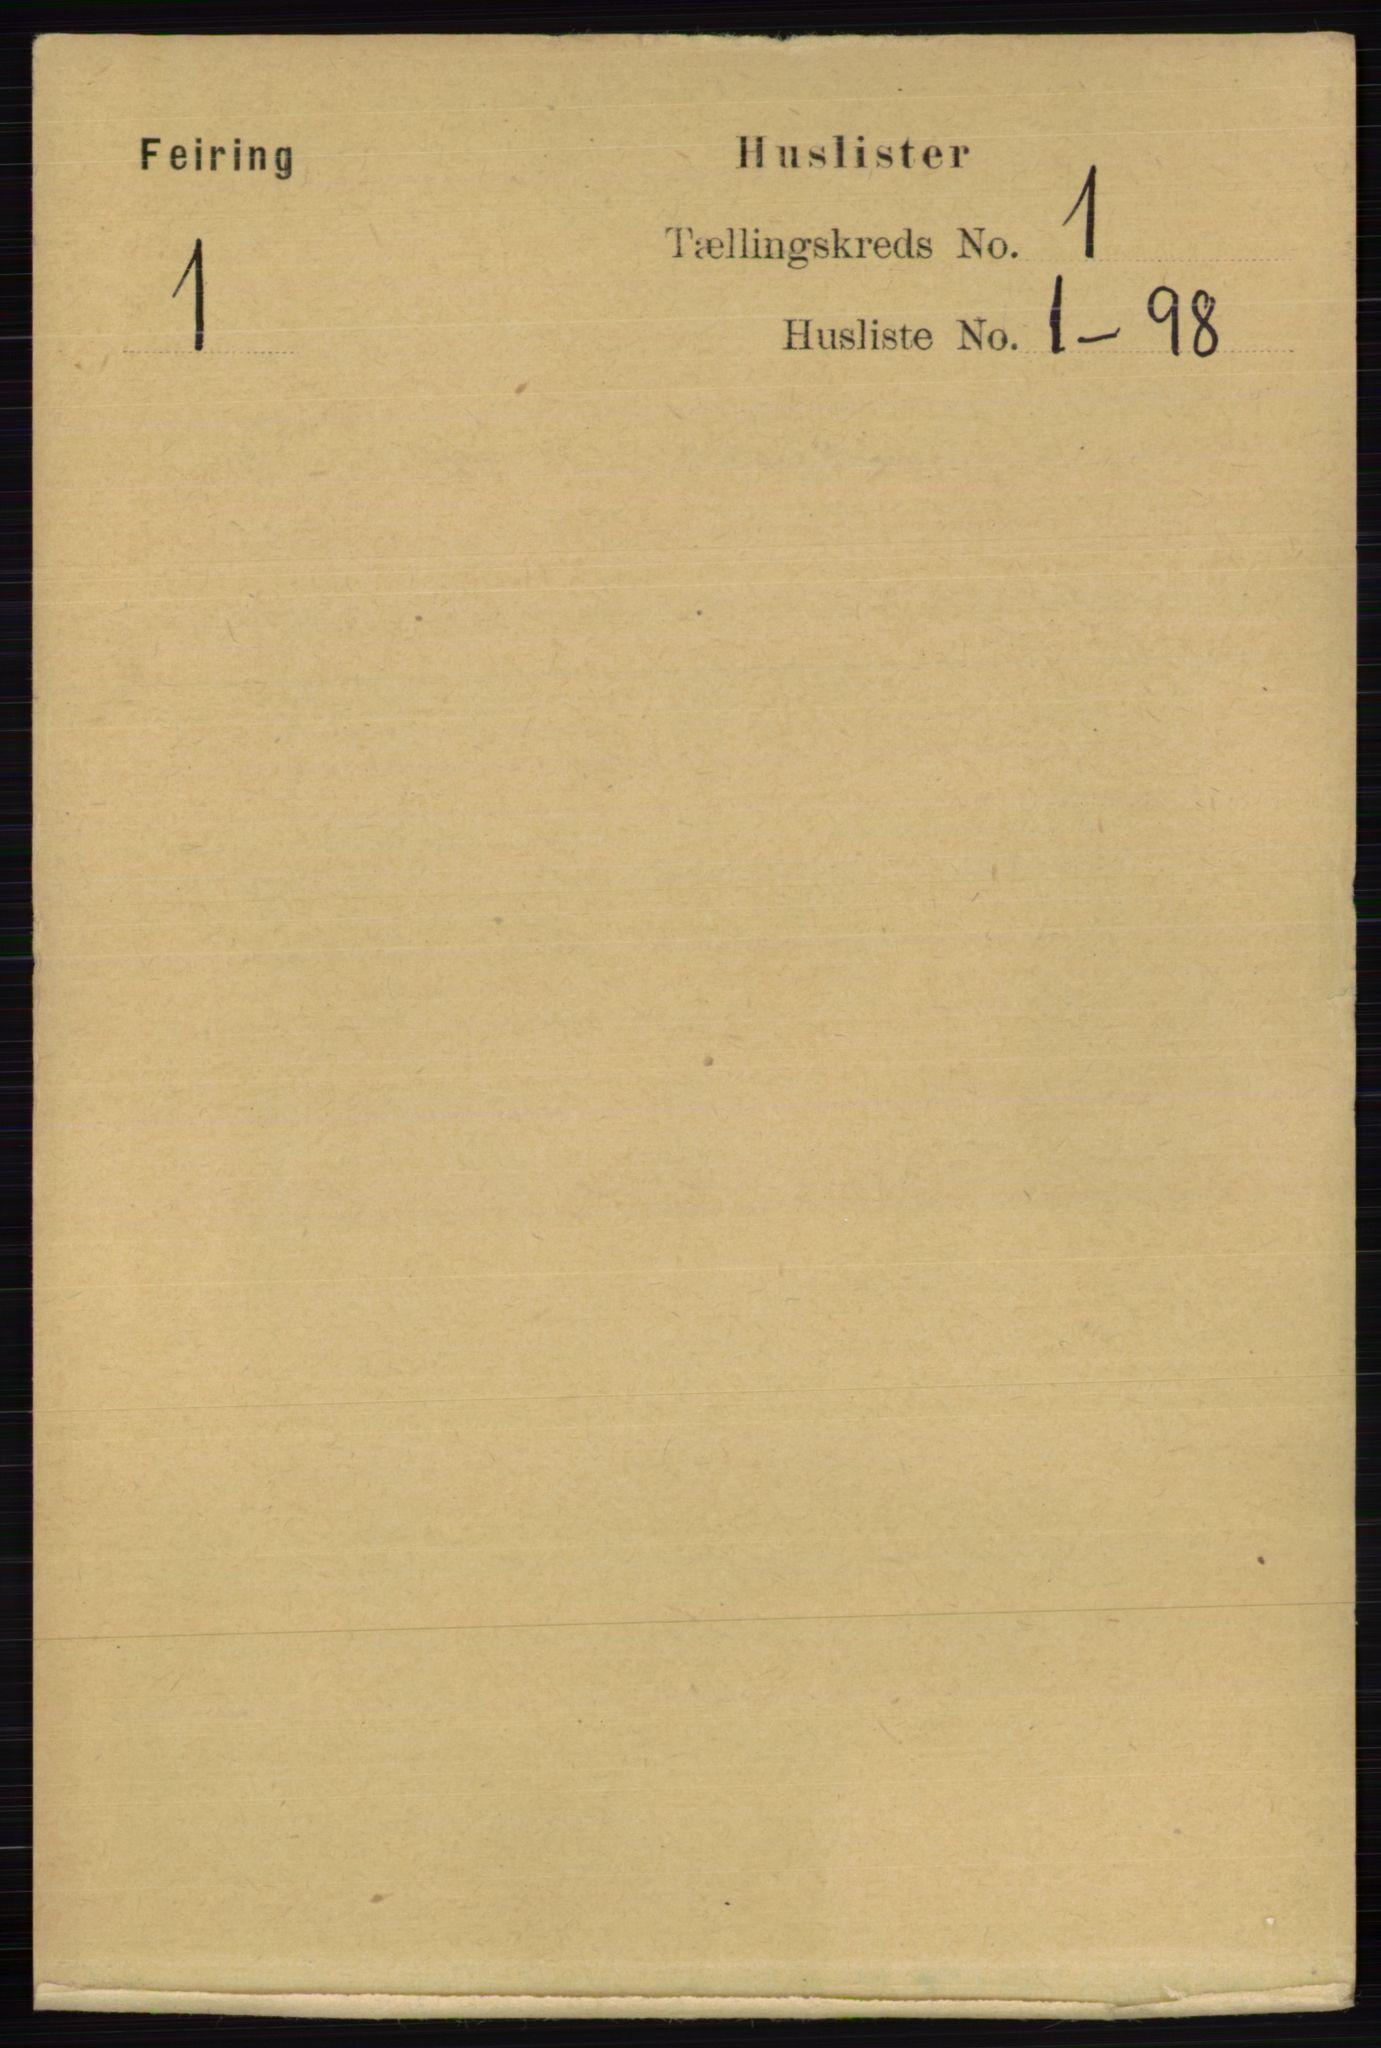 RA, Folketelling 1891 for 0240 Feiring herred, 1891, s. 10